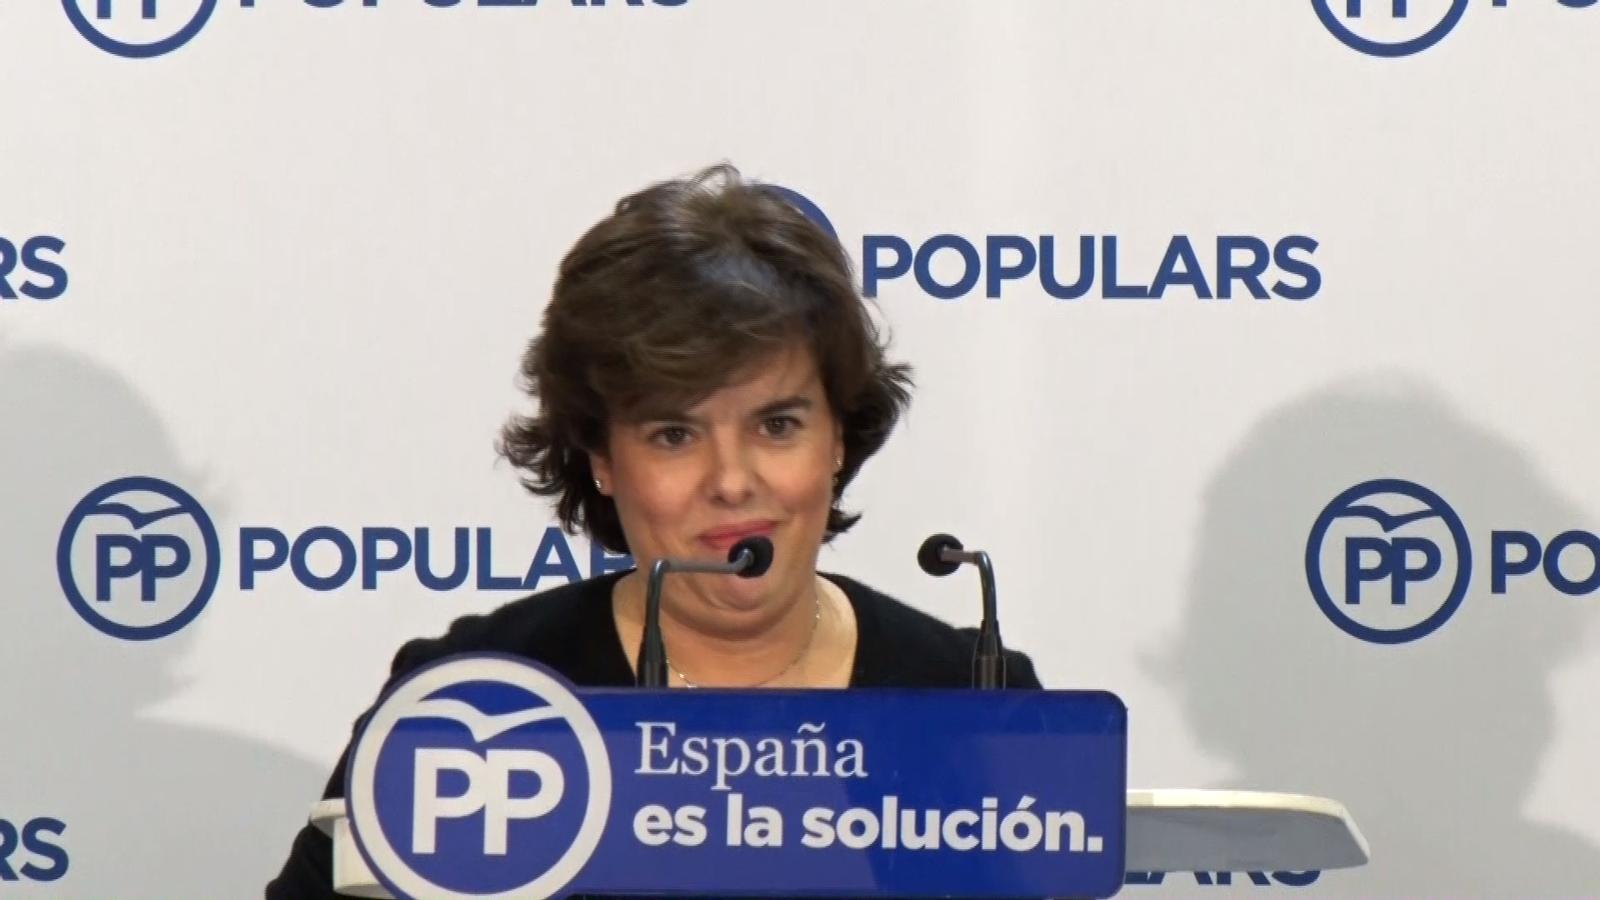 """Soraya Sáenz de Santamaría es vanta d'haver """"escapçat"""" els líders d'ERC i JxCat, fa broma sobre la """"liquidació"""" del Diplocat i demana el vot per """"seguir liquidant l'independentisme"""""""